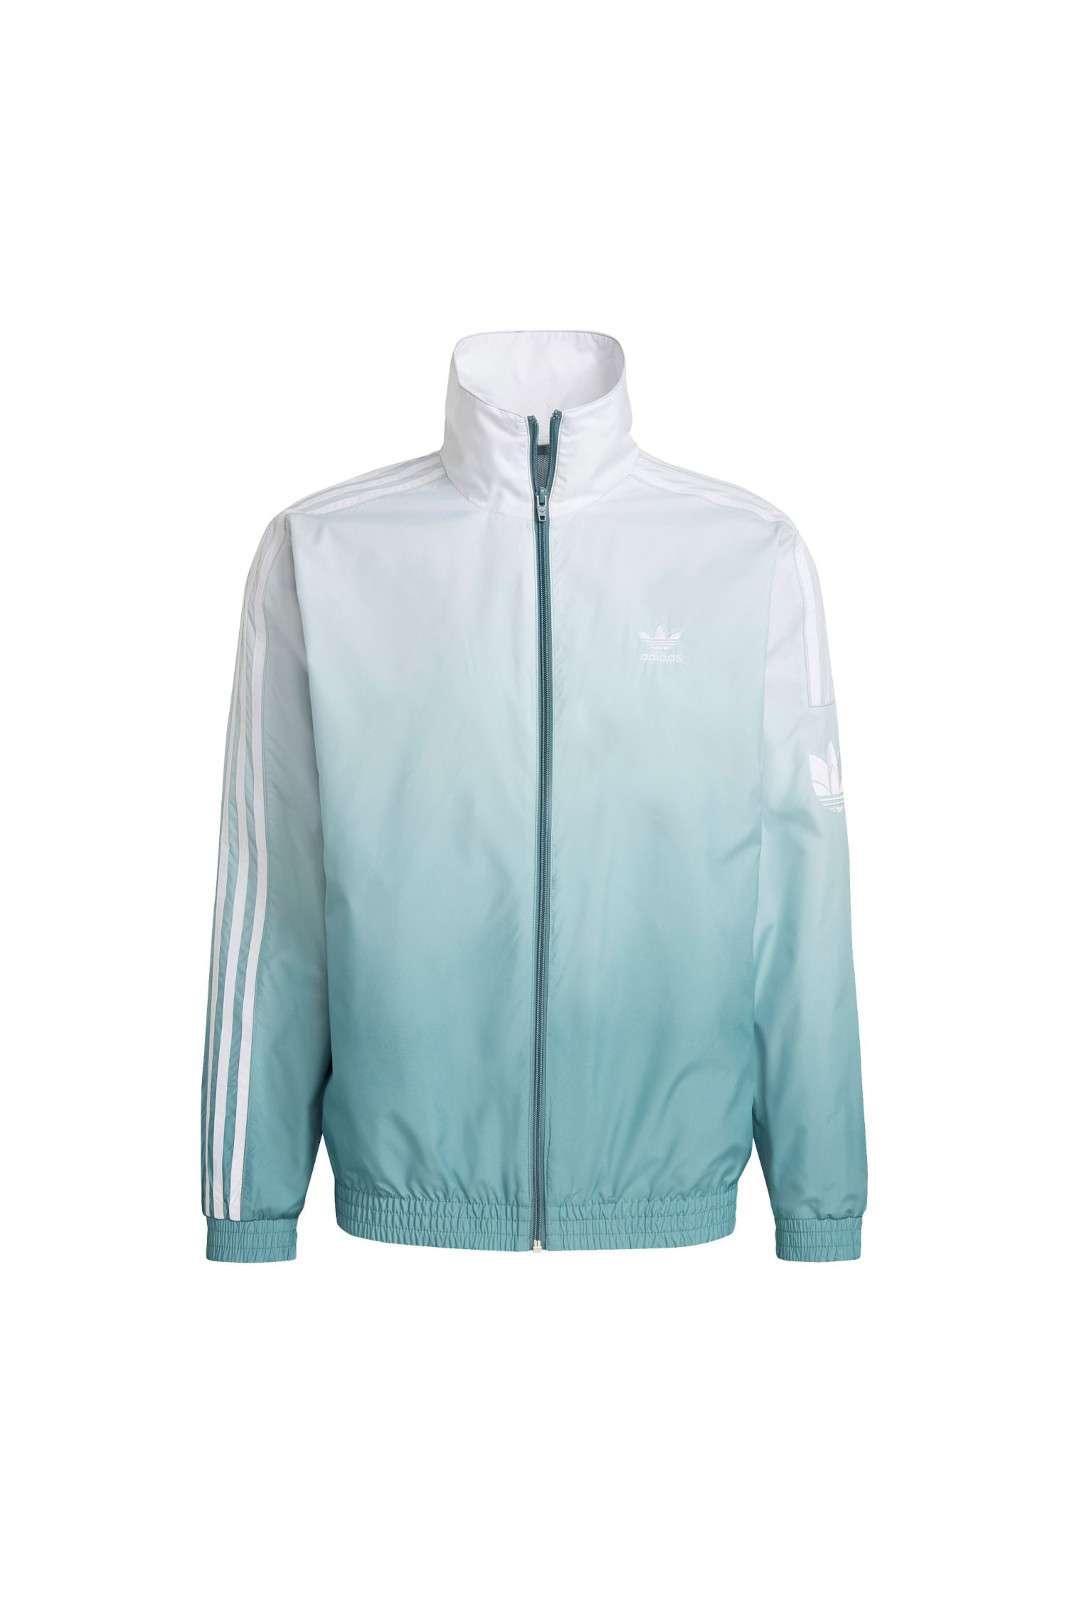 Una giacca fresca e comoda, per l'uomo che ama capi innovativi e versatili. La TRACK JACKET ADICOLOR 3D TREFOIL firmata Adidas, è realizzata in primeblue, un materiale riciclato, che garantisce freschezza e comfort, oltre che uno stile mai visto, grazie all'effetto ombra in 3D, per una sfumatura che dal verde smeraldo passa al bianco. Immancabile nel tuo outfit primaverile.